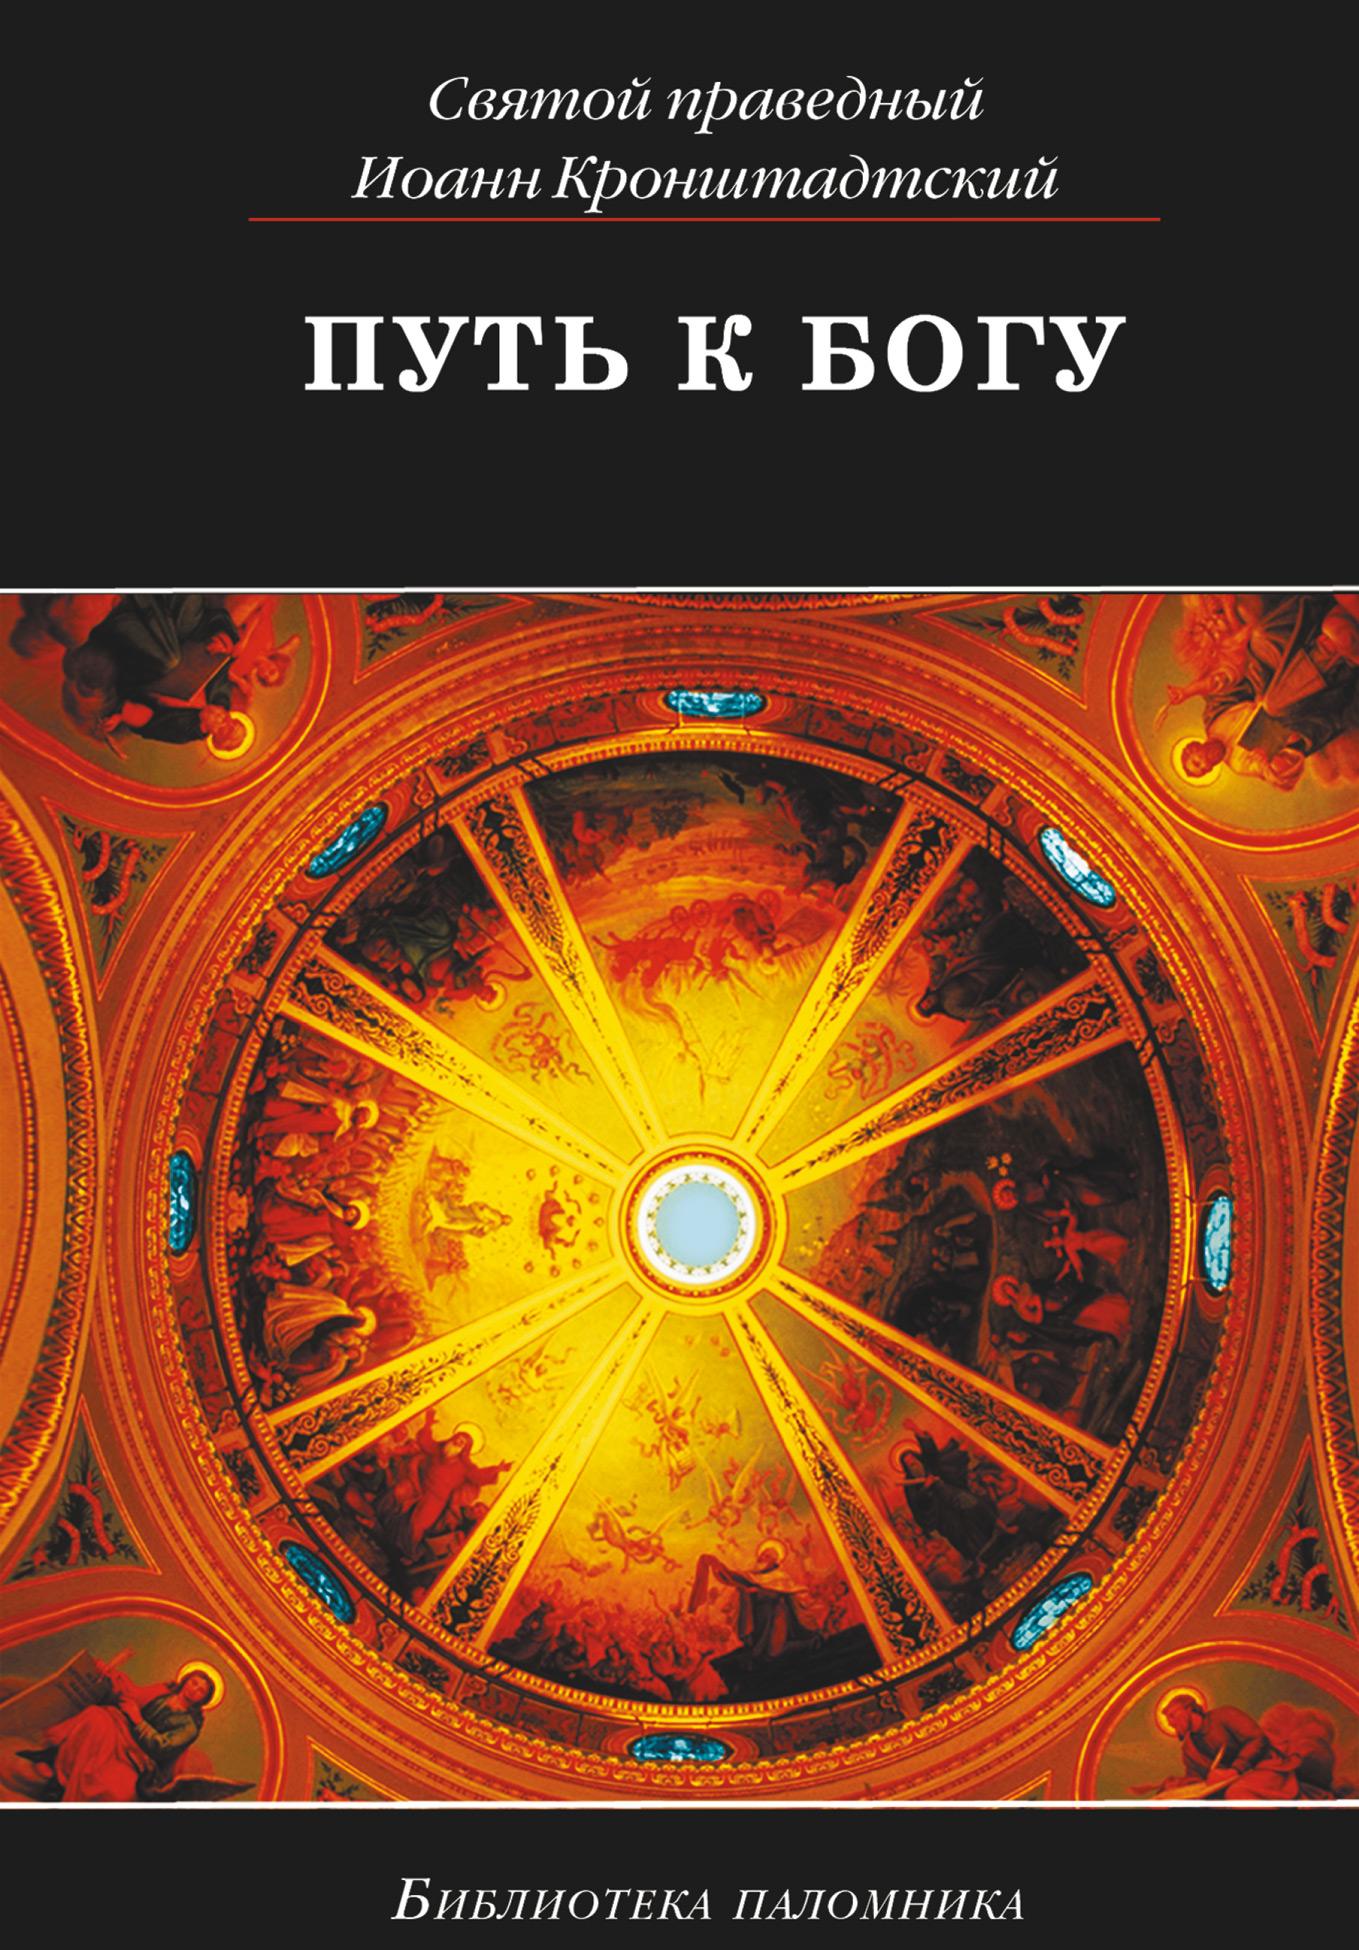 Путь к Богу ( cвятой праведный Иоанн Кронштадтский  )